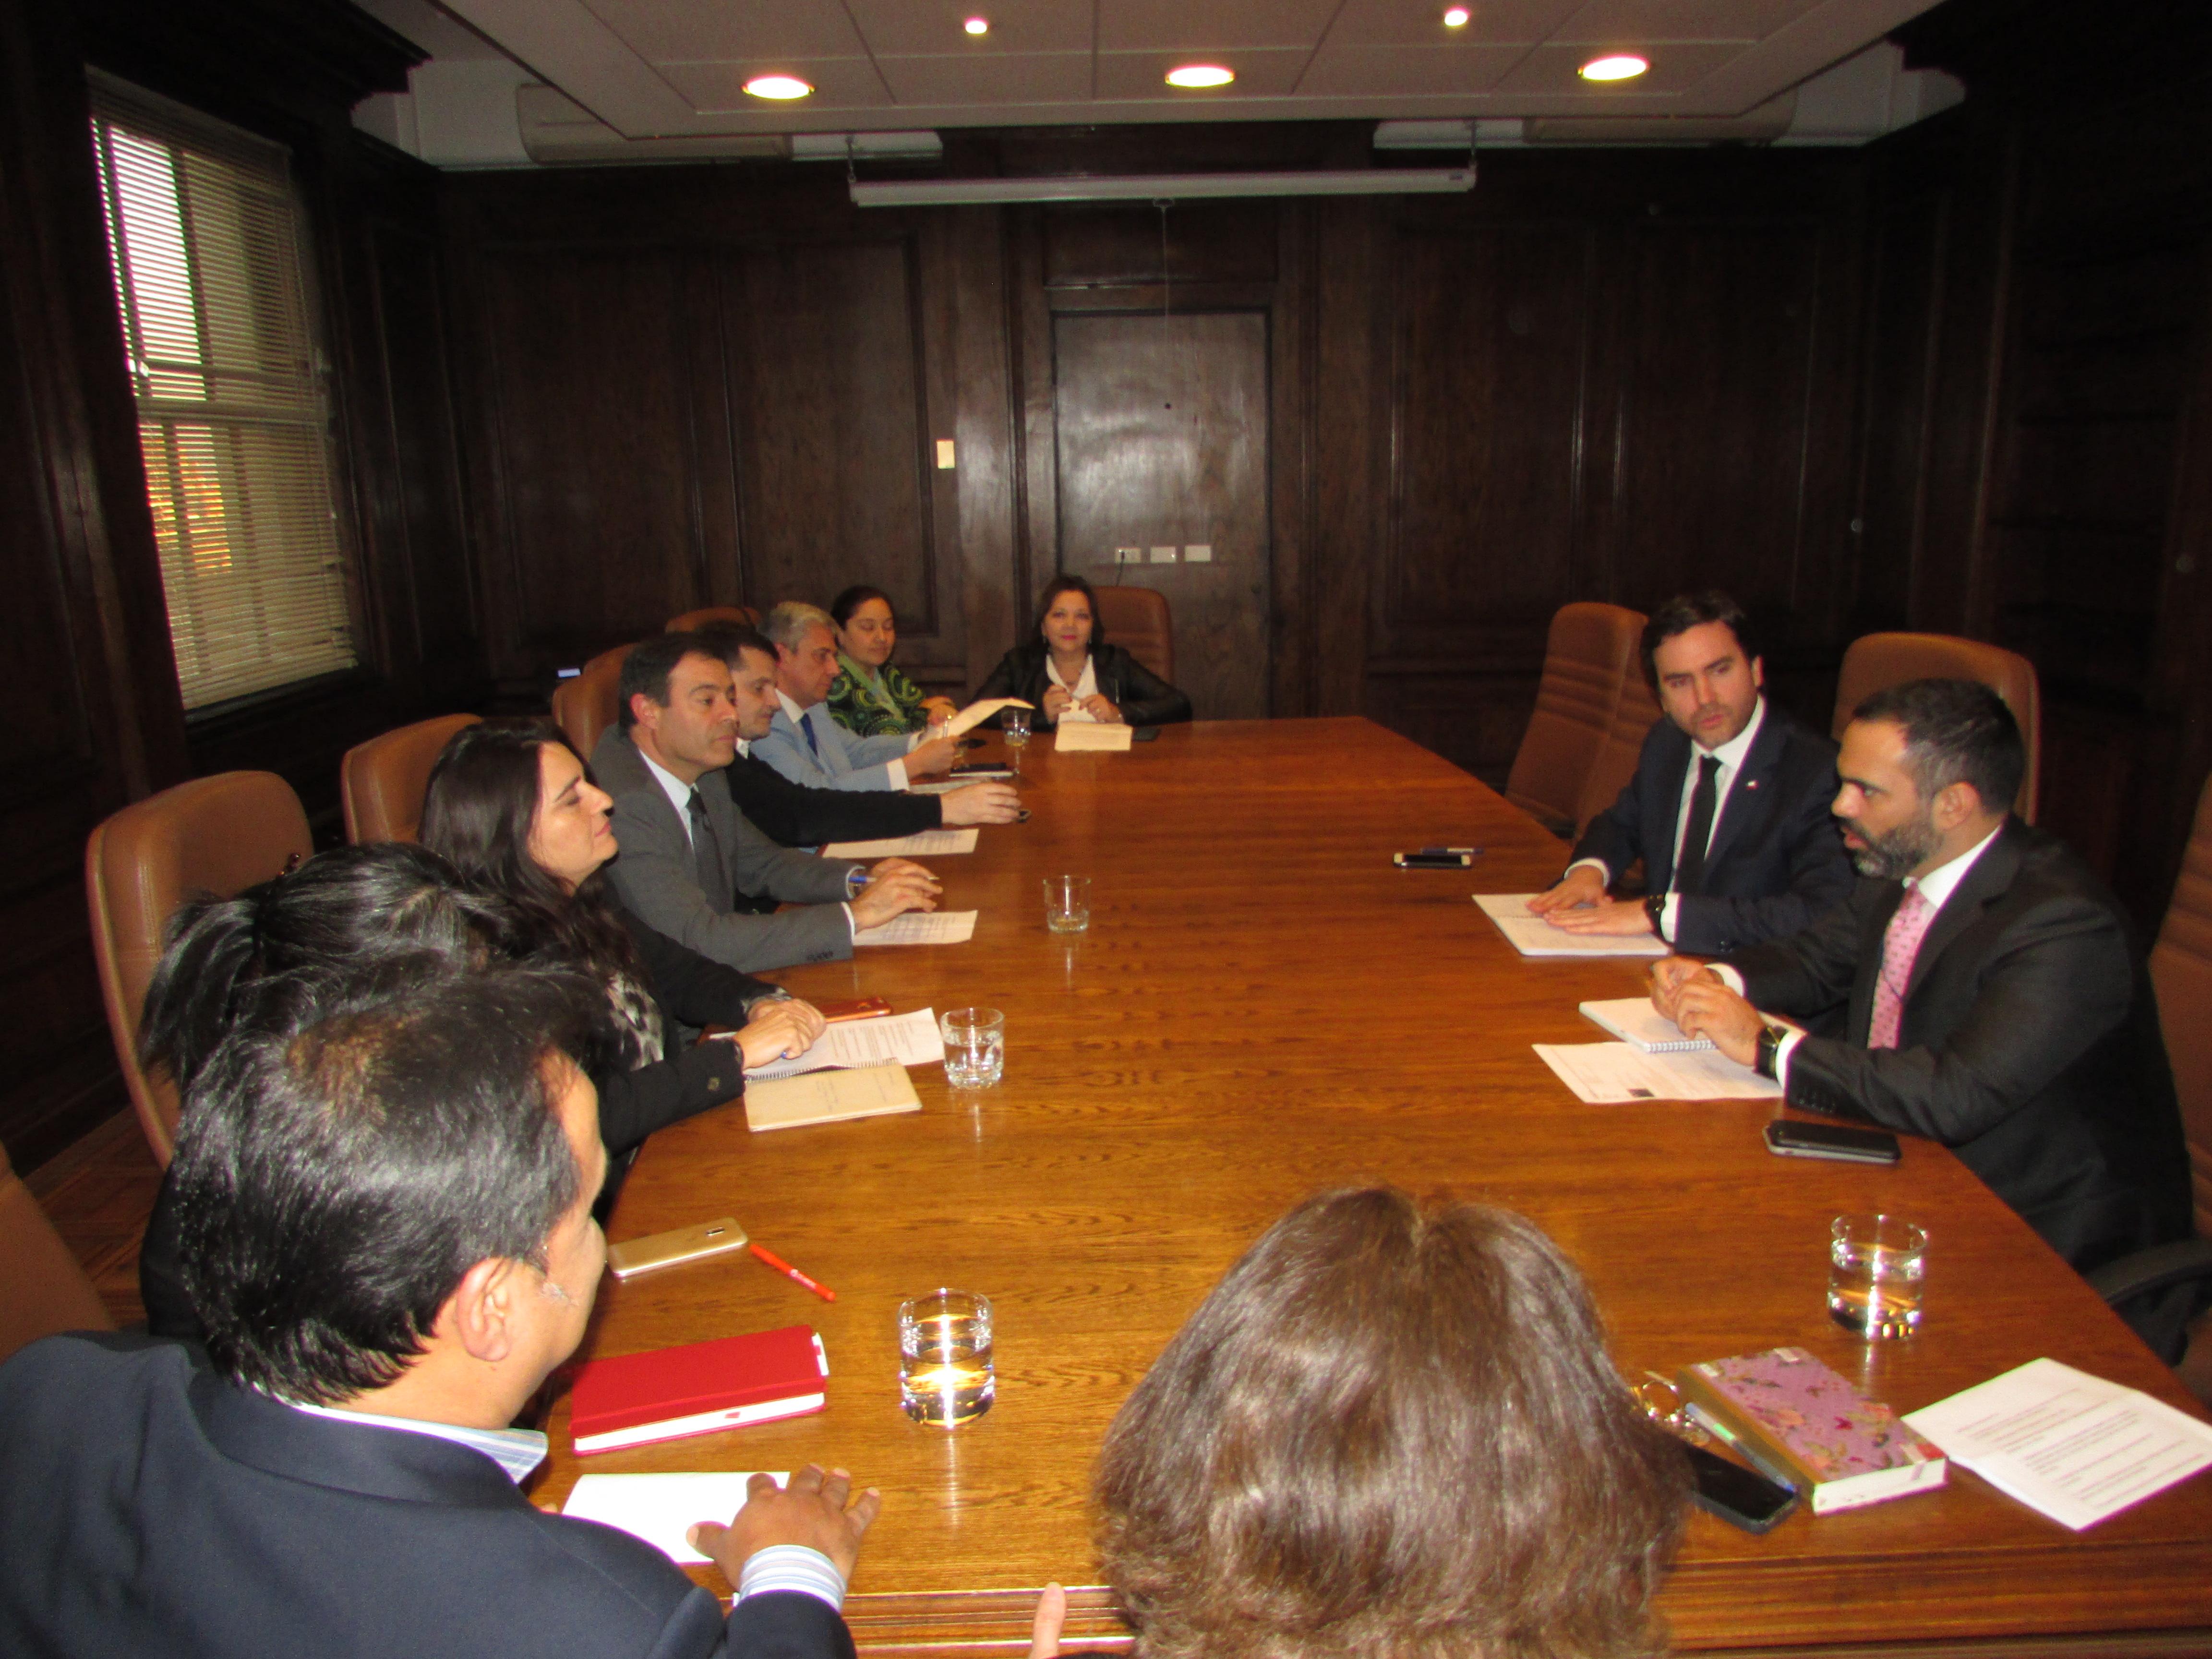 FTH realiza primera Mesa de Trabajo con Hacienda - 22 Mayo 2018